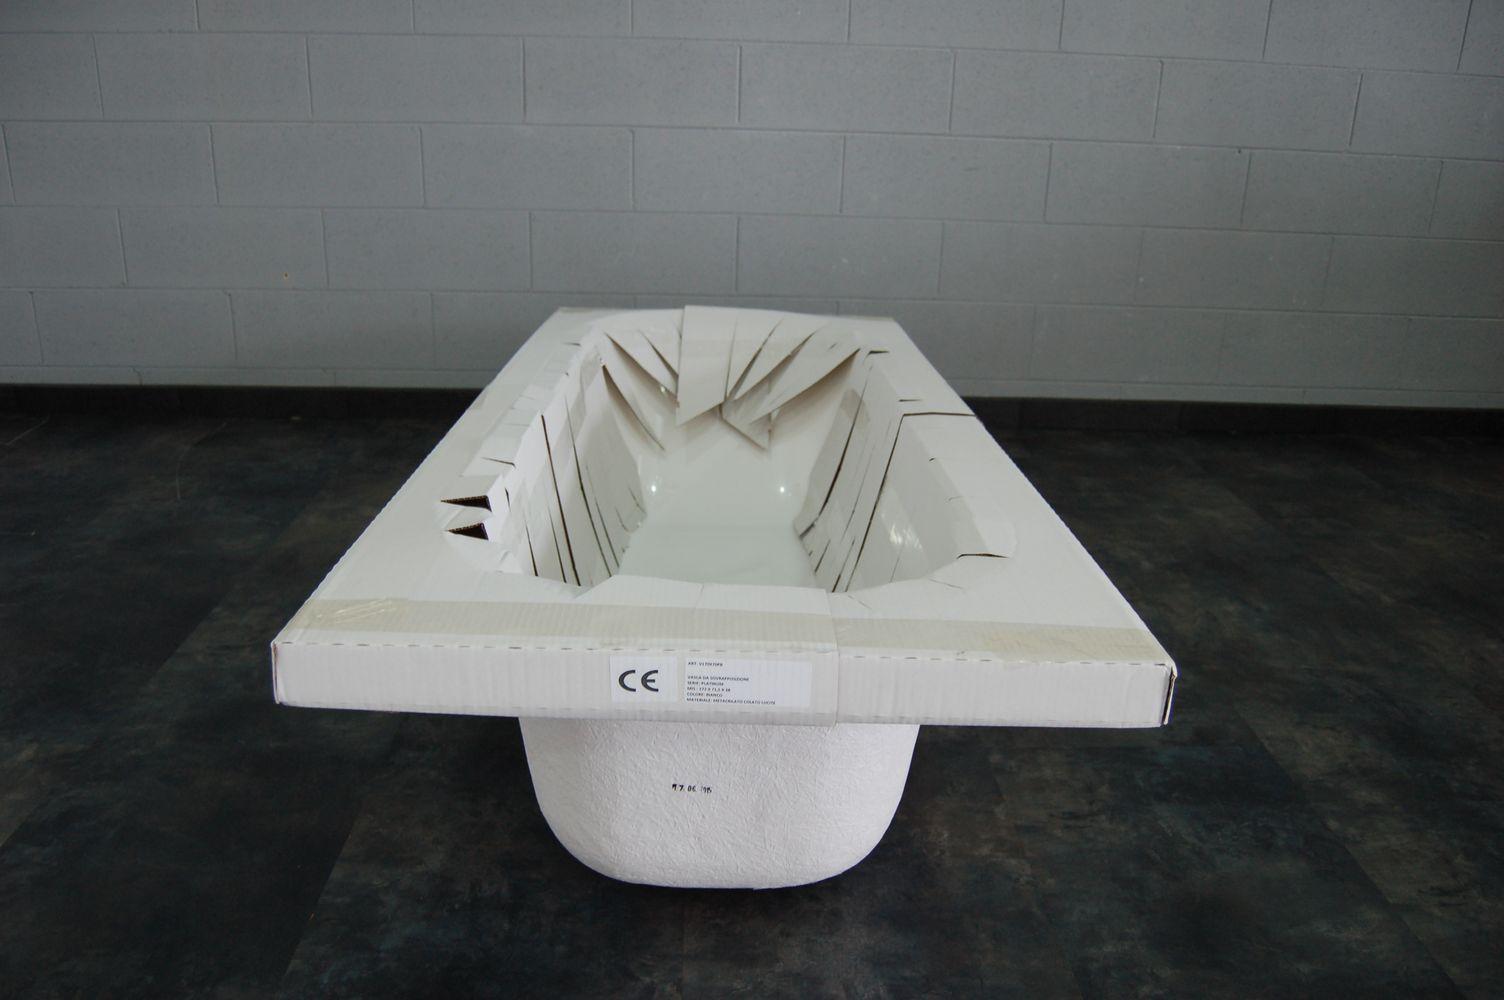 Vasca Da Sovrapporre : Vasca nella vasca edilnet